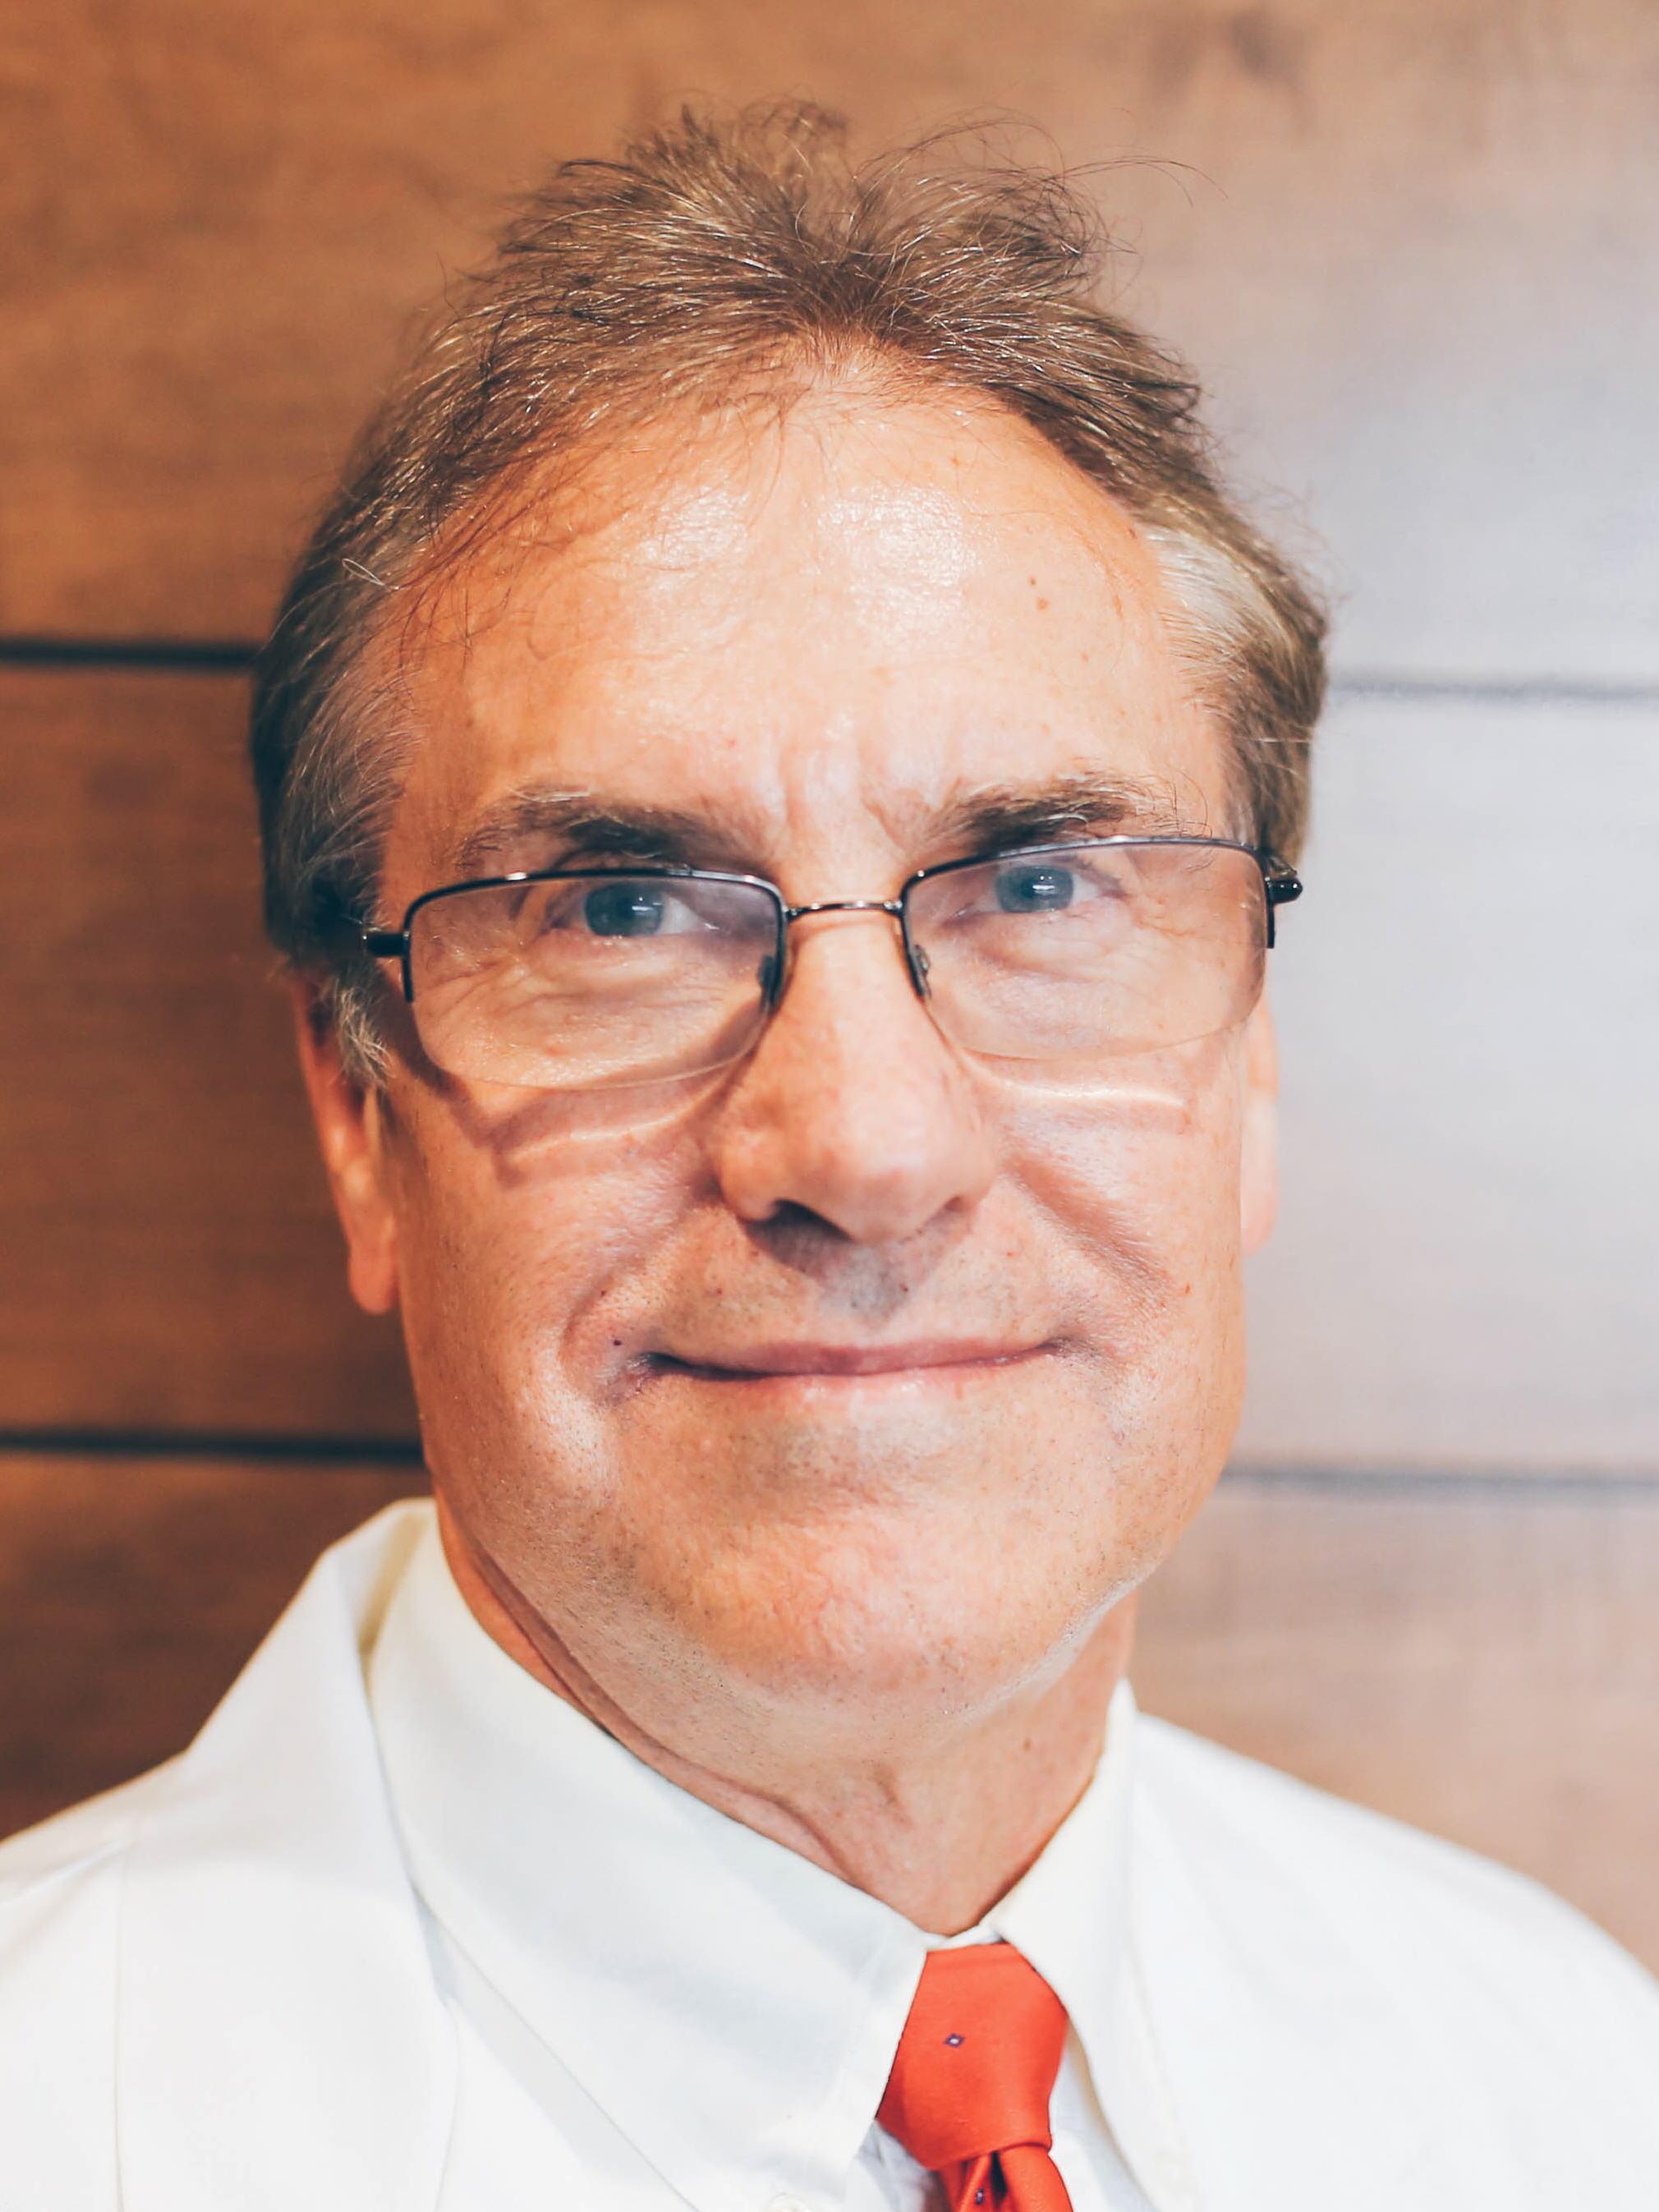 Portrait of Richard Rozelle, DPM